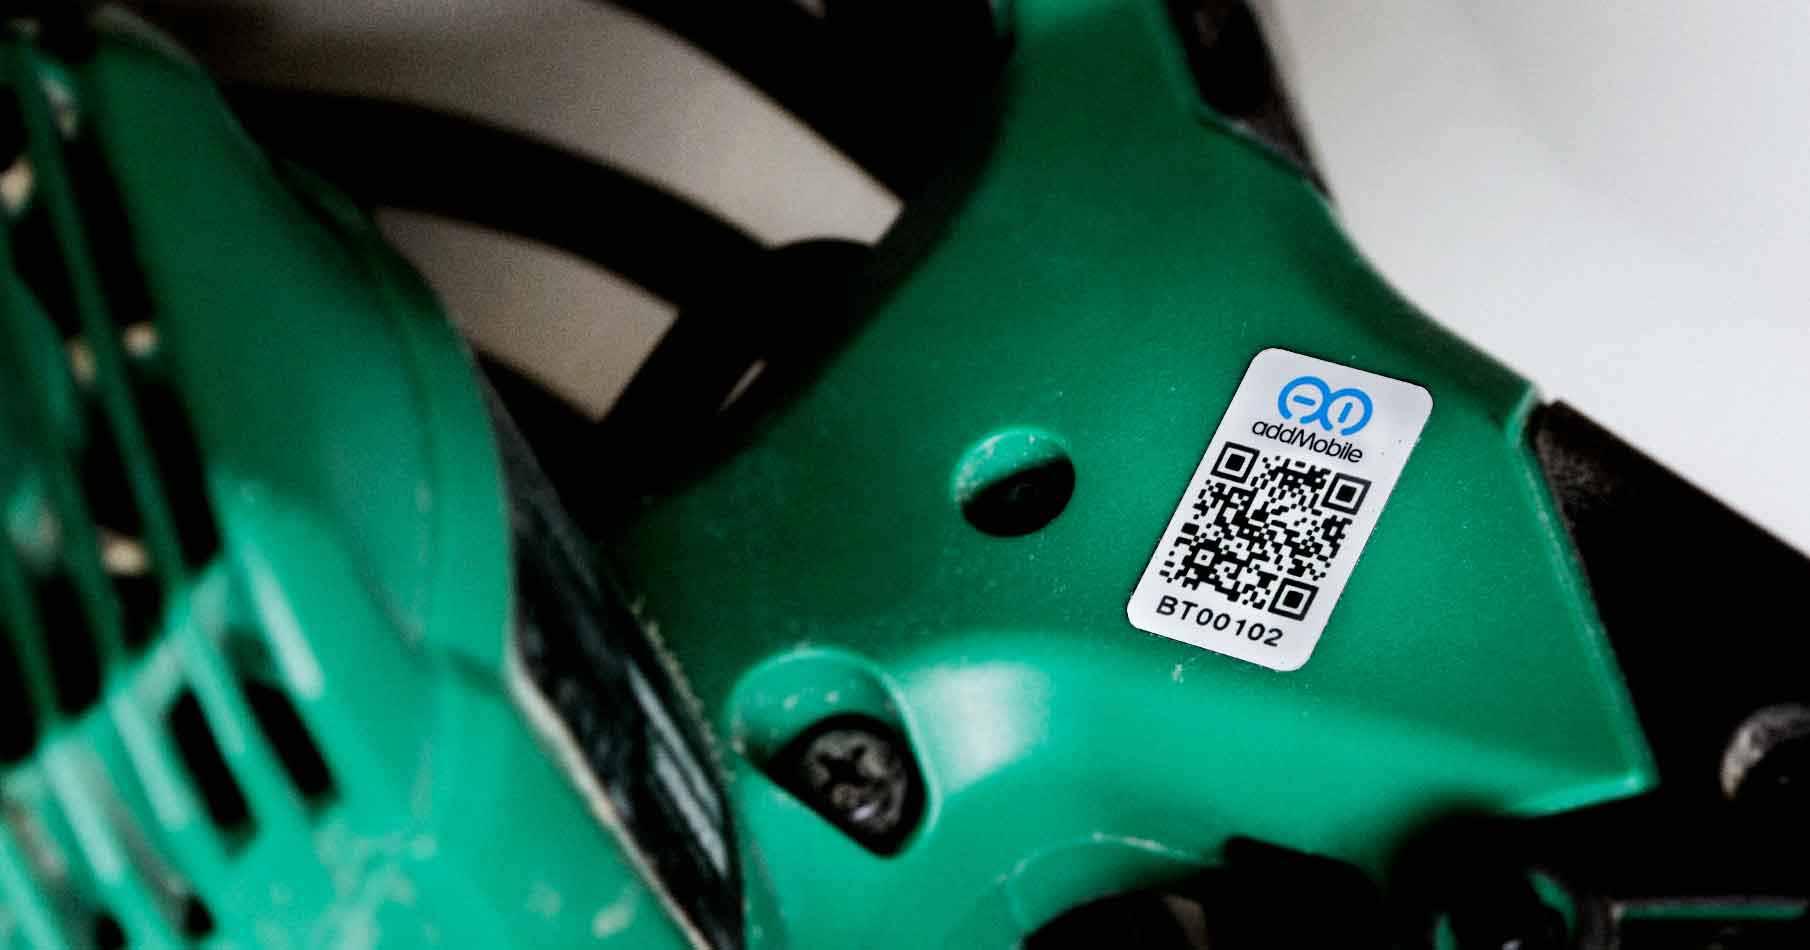 Närbild på en grön handmaskin med en påklistrad QR-kod i vitt.